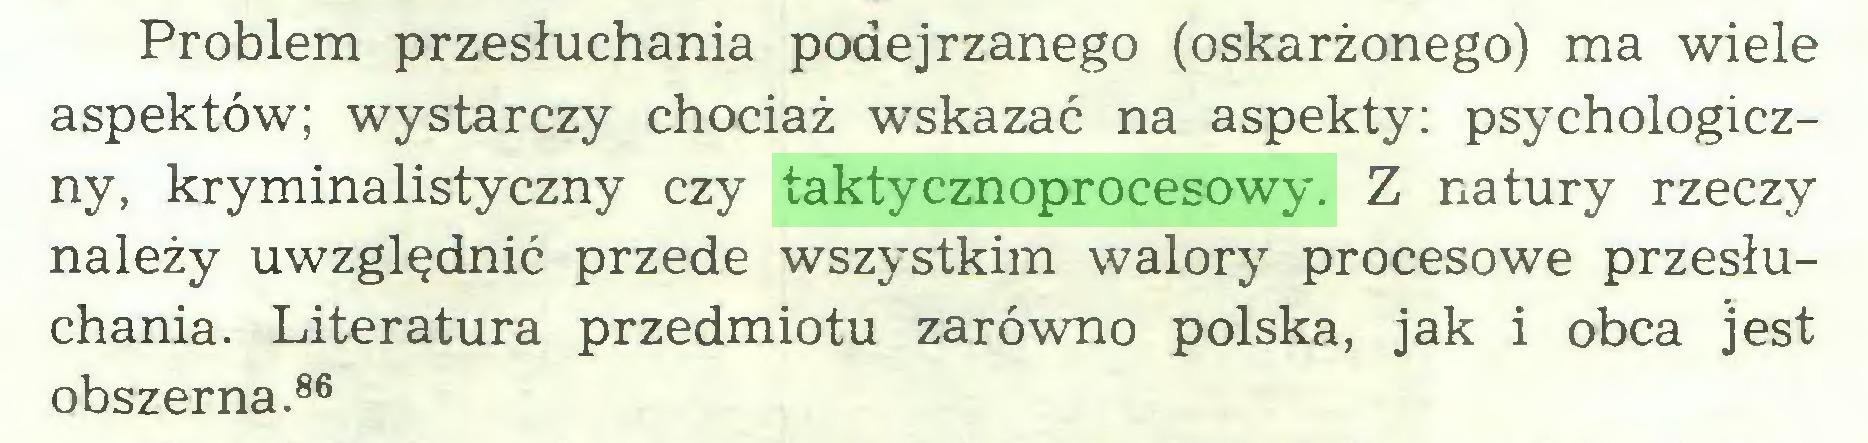 (...) Problem przesłuchania podejrzanego (oskarżonego) ma wiele aspektów; wystarczy chociaż wskazać na aspekty: psychologiczny, kryminalistyczny czy taktycznoprocesowy. Z natury rzeczy należy uwzględnić przede wszystkim walory procesowe przesłuchania. Literatura przedmiotu zarówno polska, jak i obca ]est obszerna.86...